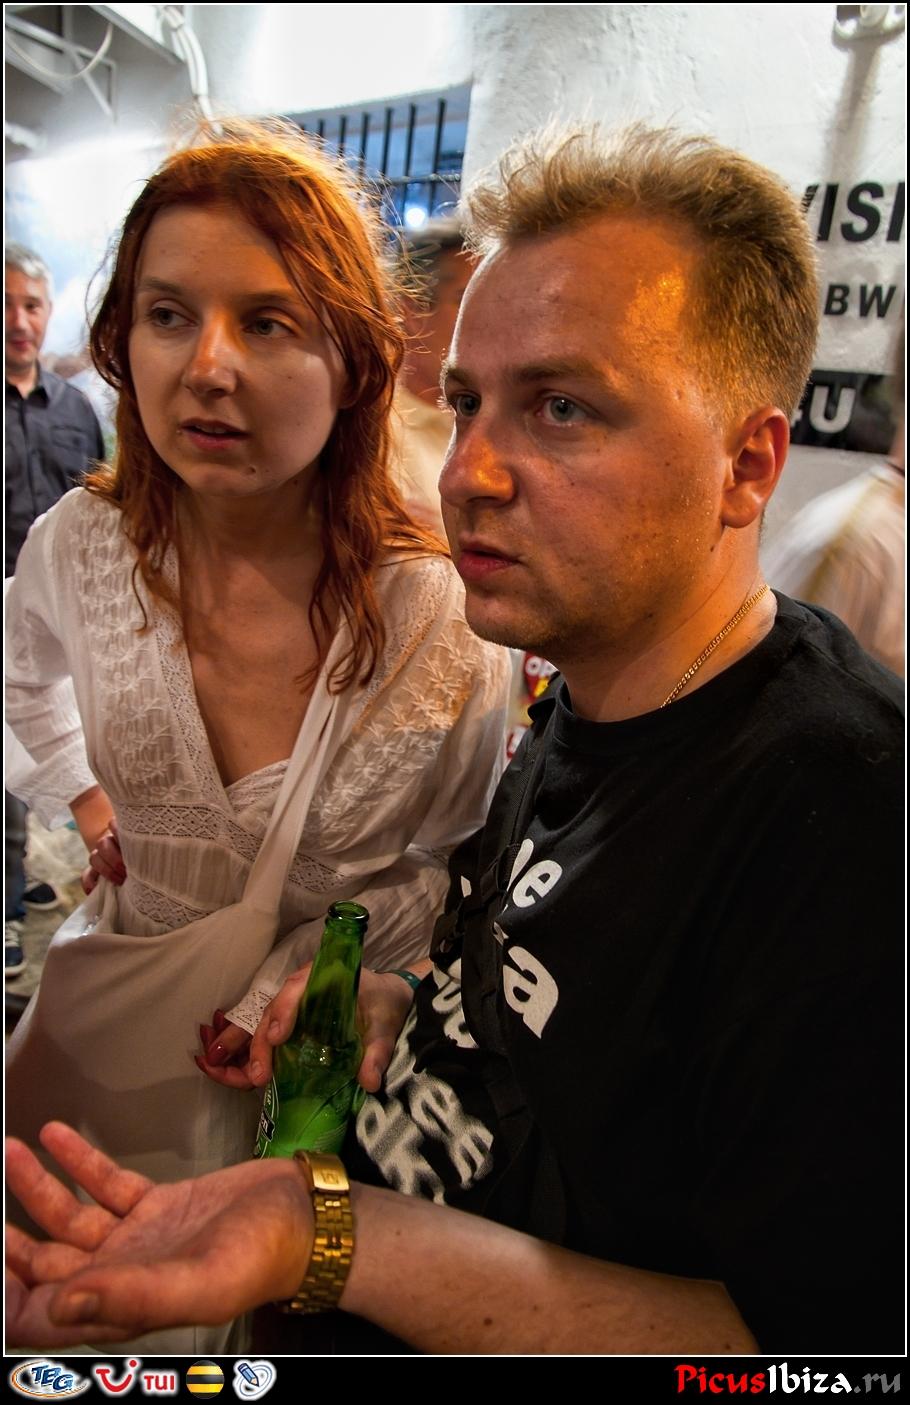 Пятая песнь акына про блоггеров... 09.06.2011. Опосля флешмоба...